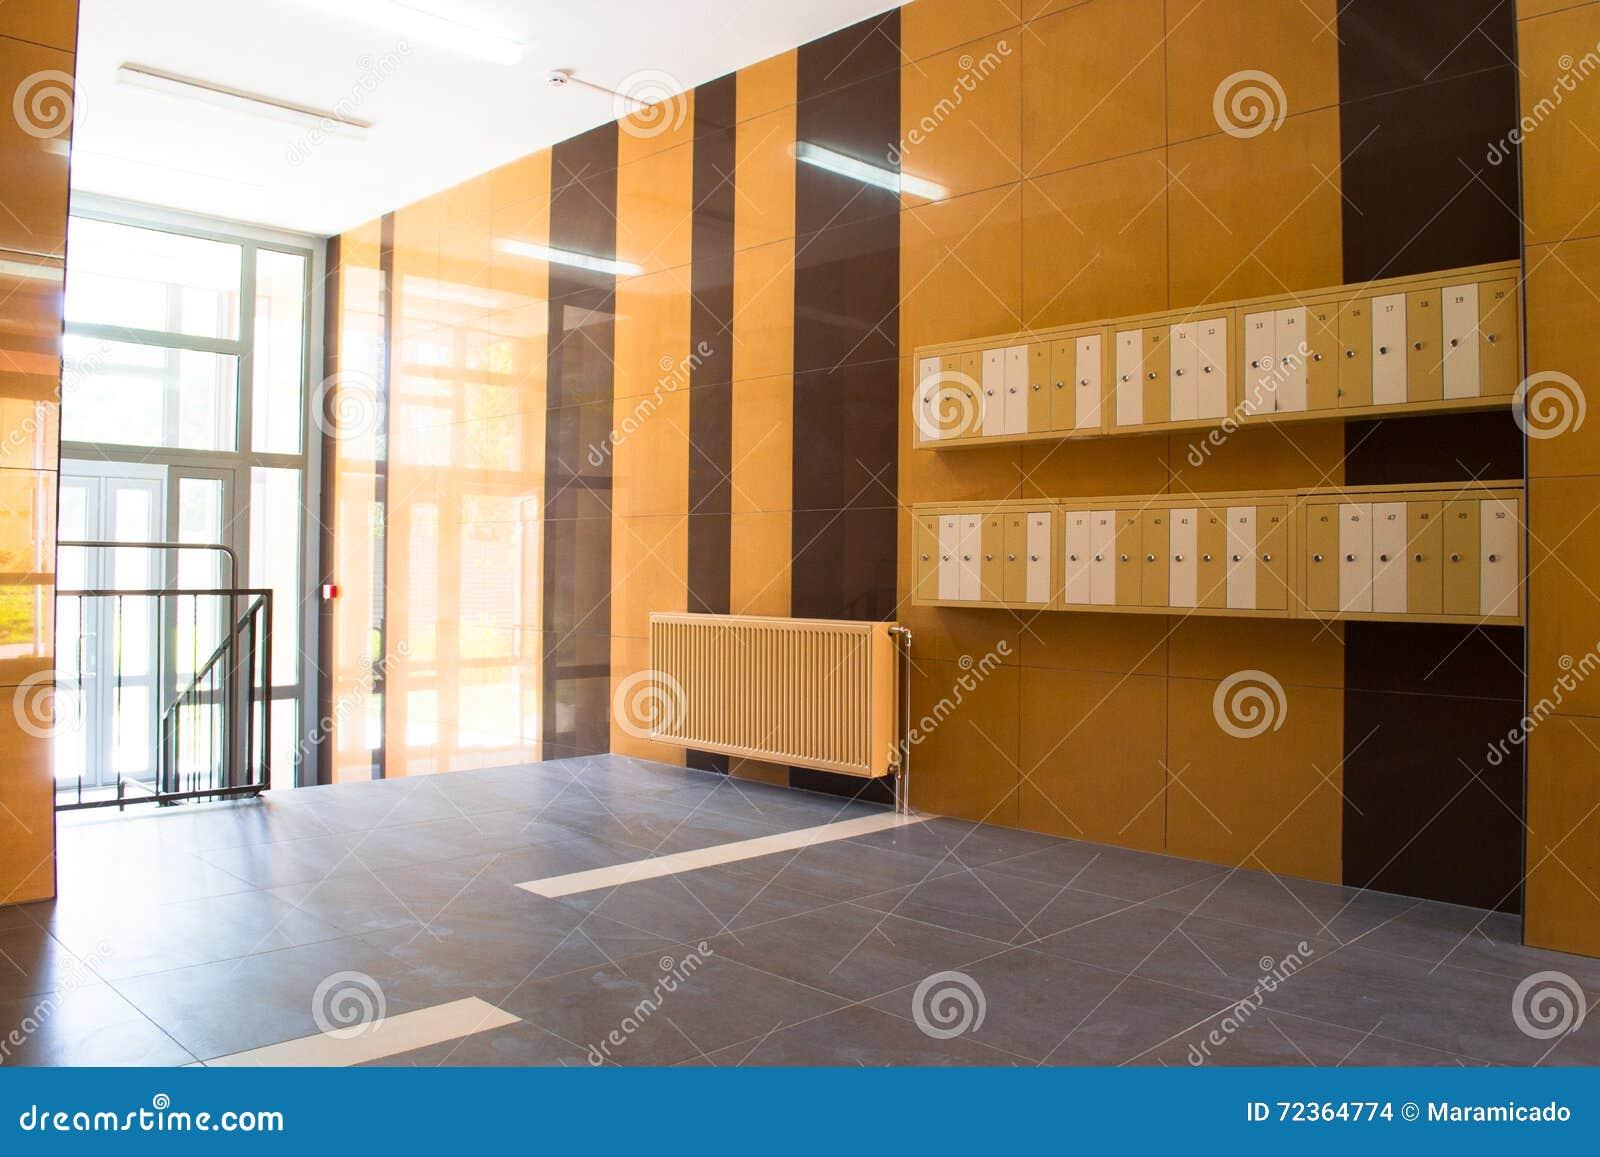 在现代大厦的入口与邮箱